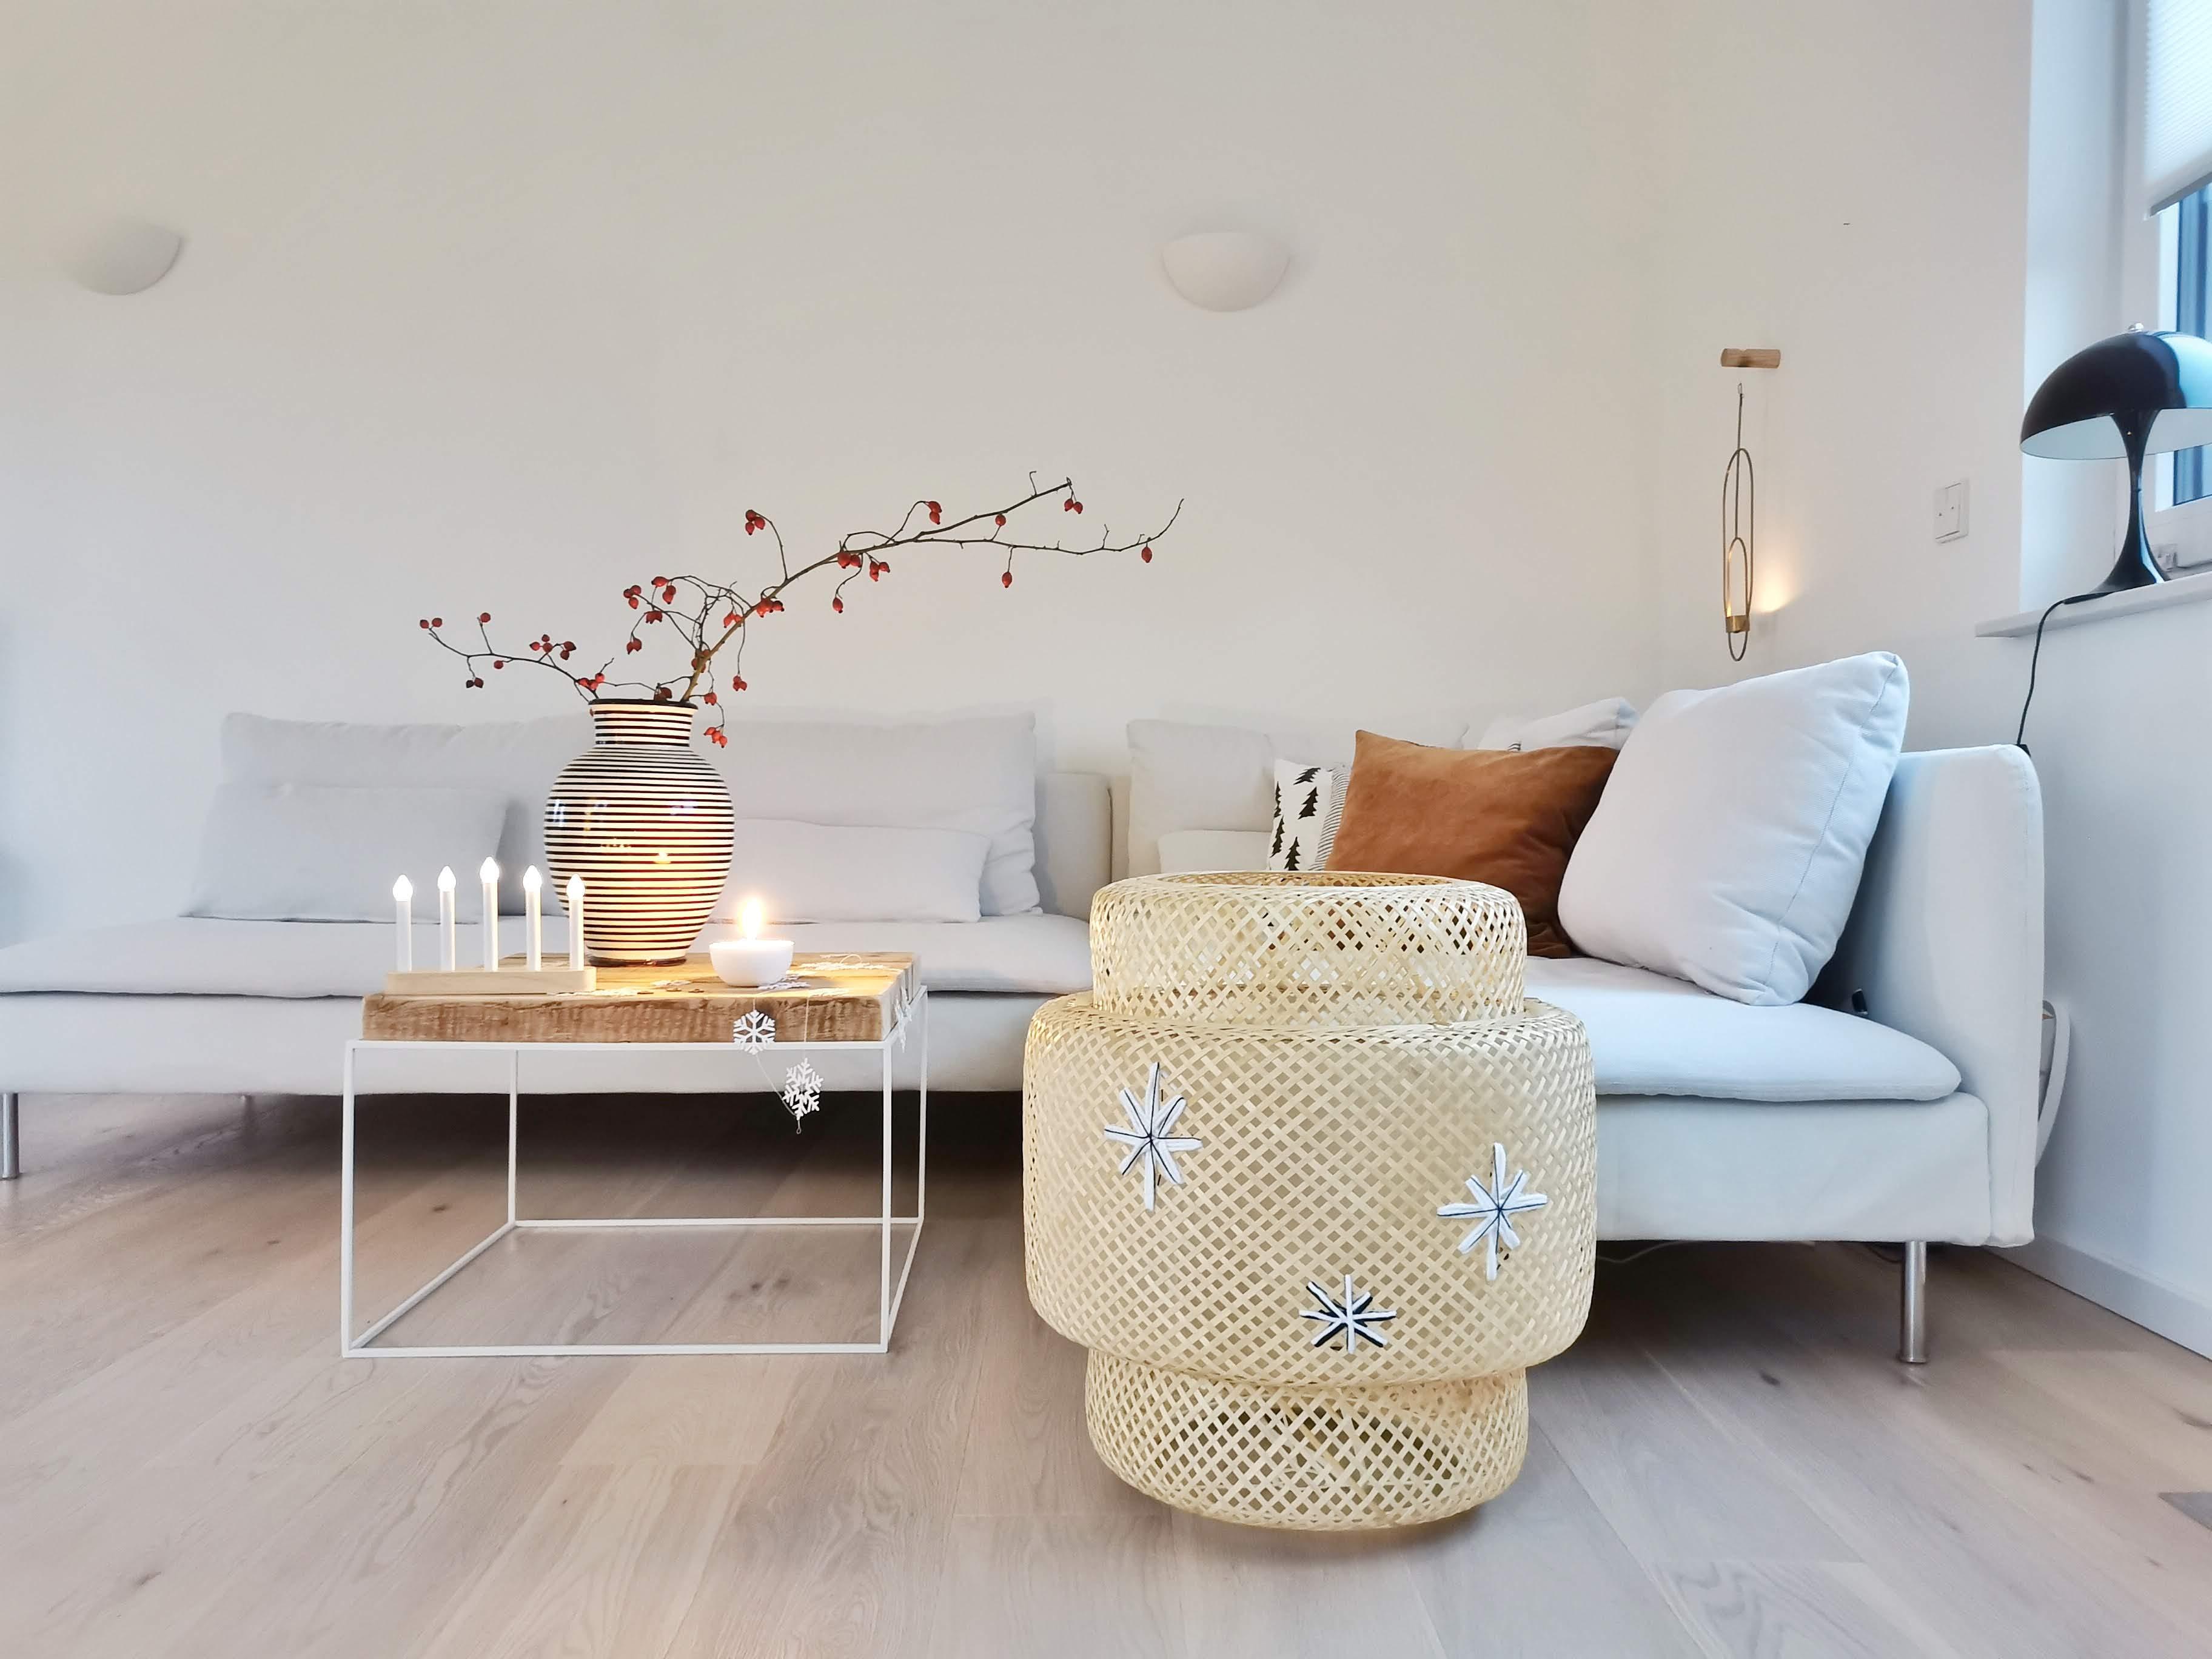 DIY-Bodenlampe aus einem Bast-, Bambus- oder Rattan-Lampenschirm weihnachtlich bestickt | mammilade.com